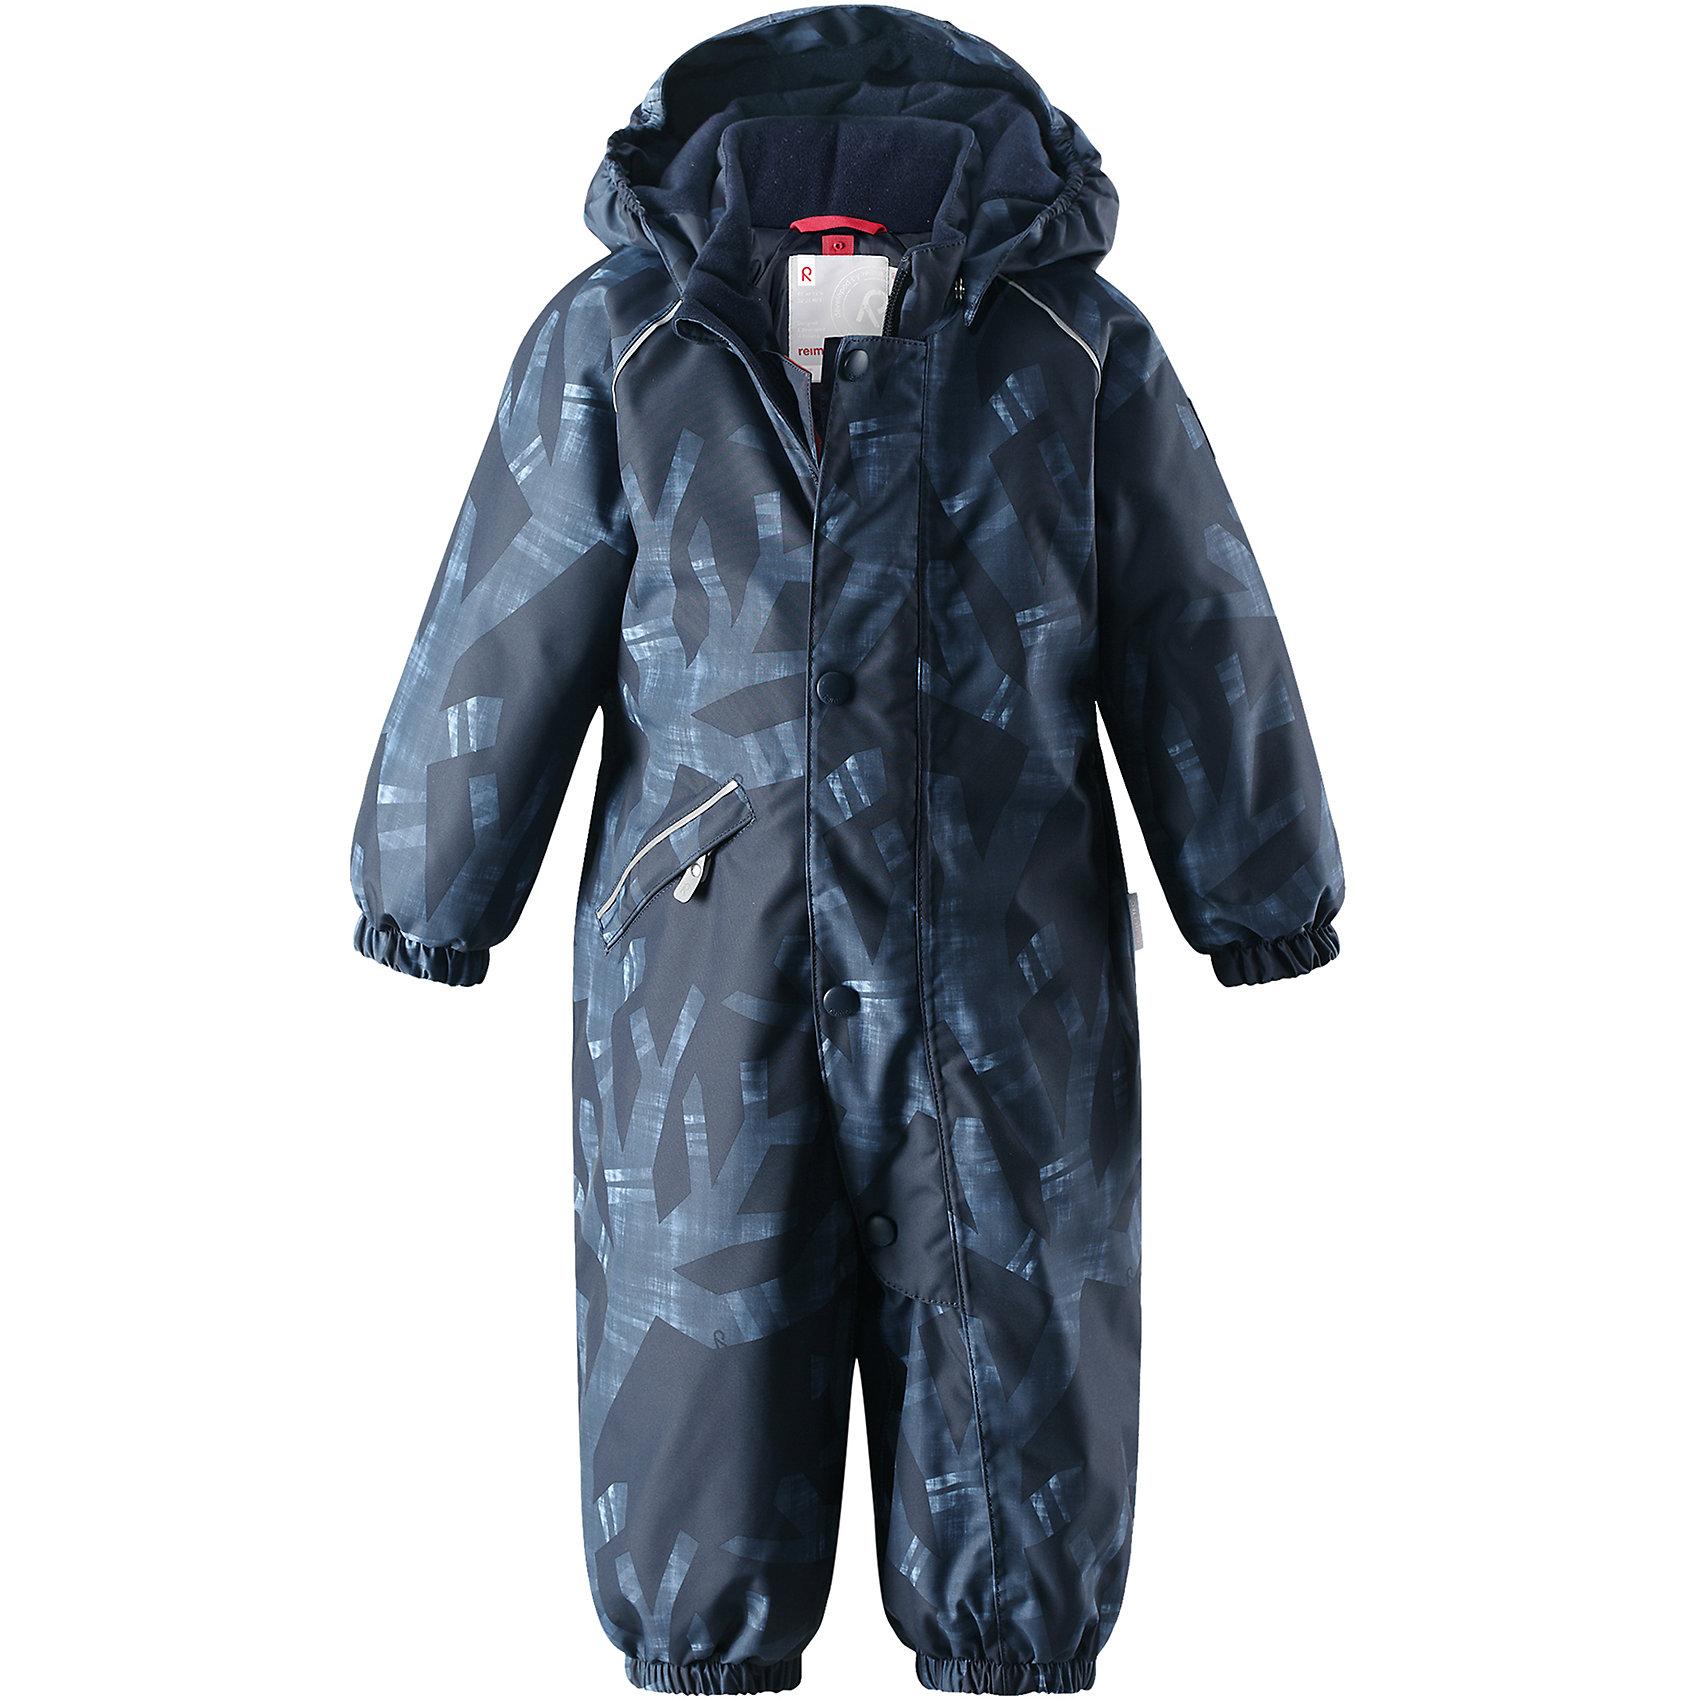 Комбинезон Reima Reimatec® Suo для мальчикаВерхняя одежда<br>Характеристики товара:<br><br>• цвет: синий<br>• состав: 100% полиэстер<br>• утеплитель: 100% полиэстер, 160 г/м2 (soft loft insulation)<br>• сезон: зима<br>• температурный режим: от 0 до -20С<br>• водонепроницаемость: 15000 мм<br>• воздухопроницаемость: 7000 мм<br>• износостойкость: 40000 циклов (тест Мартиндейла)<br>• особенности модели: с рисунком<br>• основные швы проклеены и не пропускают влагу<br>• водо- и ветронепроницаемый, дышащий и грязеотталкивающий материал<br>• утепленная задняя часть изделия<br>• гладкая подкладка из полиэстера<br>• безопасный, съемный, регулируемый капюшон<br>• защита подбородка от защемления<br>• эластичные манжеты и штанины<br>• эластичная талия<br>• съемные эластичные штрипки <br>• длинная молния для легкого надевания<br>• дополнительная планка с кнопками<br>• карман на молнии<br>• светоотражающие детали<br>• страна бренда: Финляндия<br>• страна изготовитель: Китай<br><br>Зимний комбинезон на молнии для мальчика! Основные швы комбинезона проклеены, а сам он изготовлен из водо и ветронепроницаемого, грязеотталкивающего материала. Утепленная задняя часть обеспечит дополнительное утепление во время игр в снегу.<br><br>Гладкая подкладка и длинная молния облегчают надевание. Маленький карман на молнии надежно сохранит все сокровища. Обратите внимание: комбинезон можно сушить в сушильной машине. Зимний комбинезон с капюшоном для мальчика декорирован абстрактным рисунком.<br><br>Комбинезон Suo для мальчика Reimatec® Reima от финского бренда Reima (Рейма) можно купить в нашем интернет-магазине.<br><br>Ширина мм: 356<br>Глубина мм: 10<br>Высота мм: 245<br>Вес г: 519<br>Цвет: синий<br>Возраст от месяцев: 24<br>Возраст до месяцев: 36<br>Пол: Мужской<br>Возраст: Детский<br>Размер: 98,74,80,86,92<br>SKU: 6908128